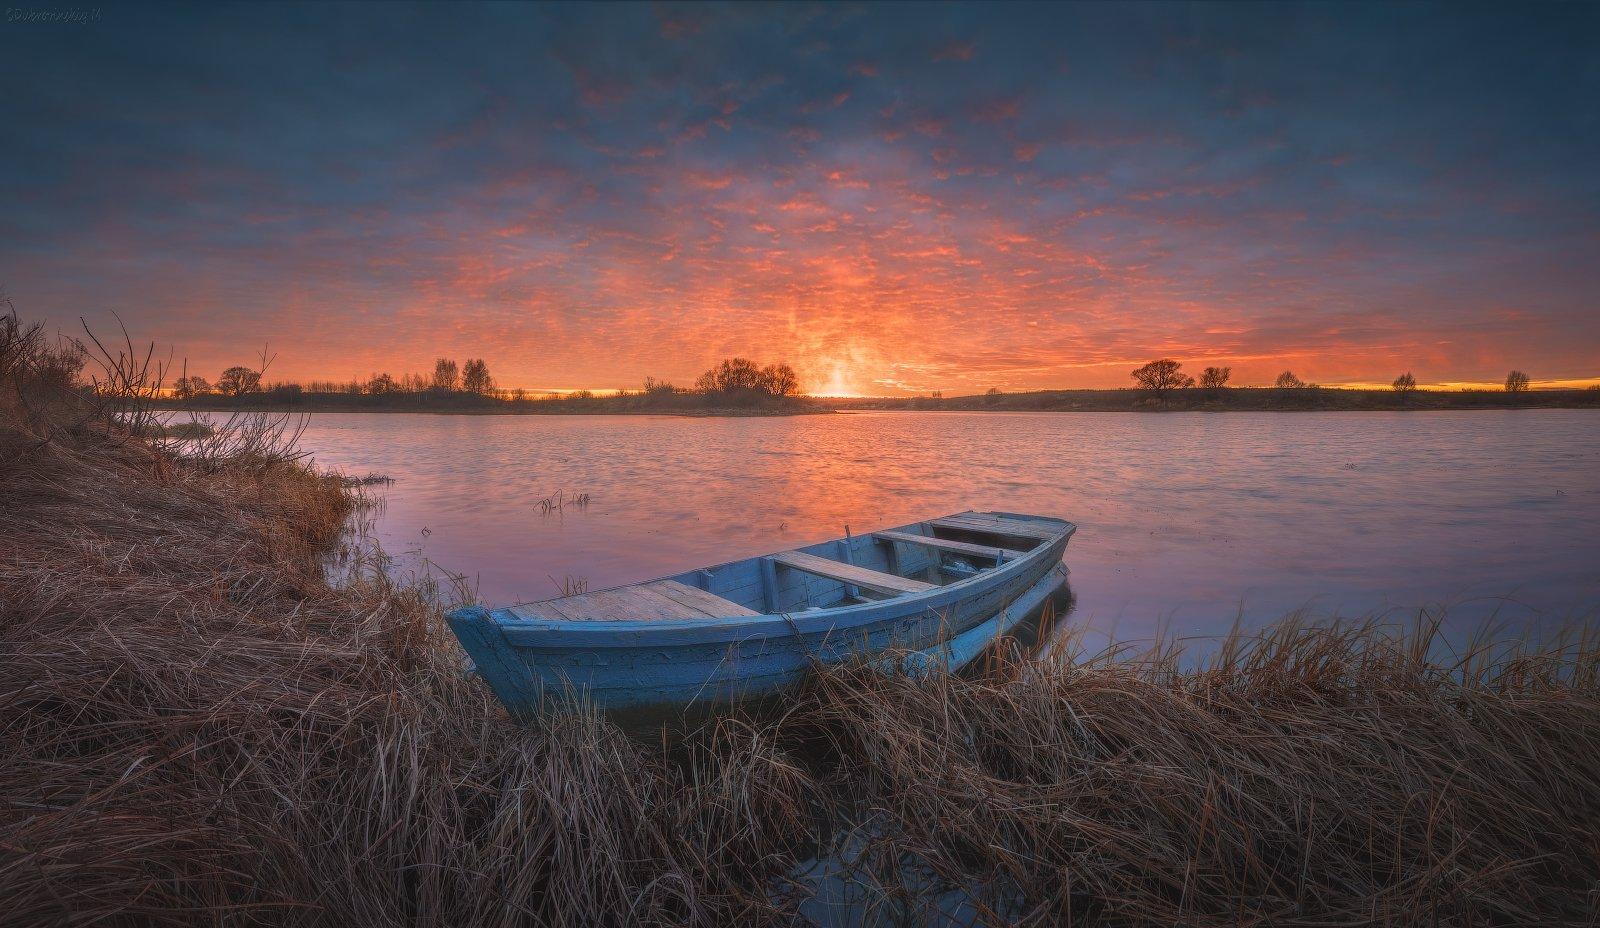 лодка, закат, осень, река, тырница, Михаил Дубровинский